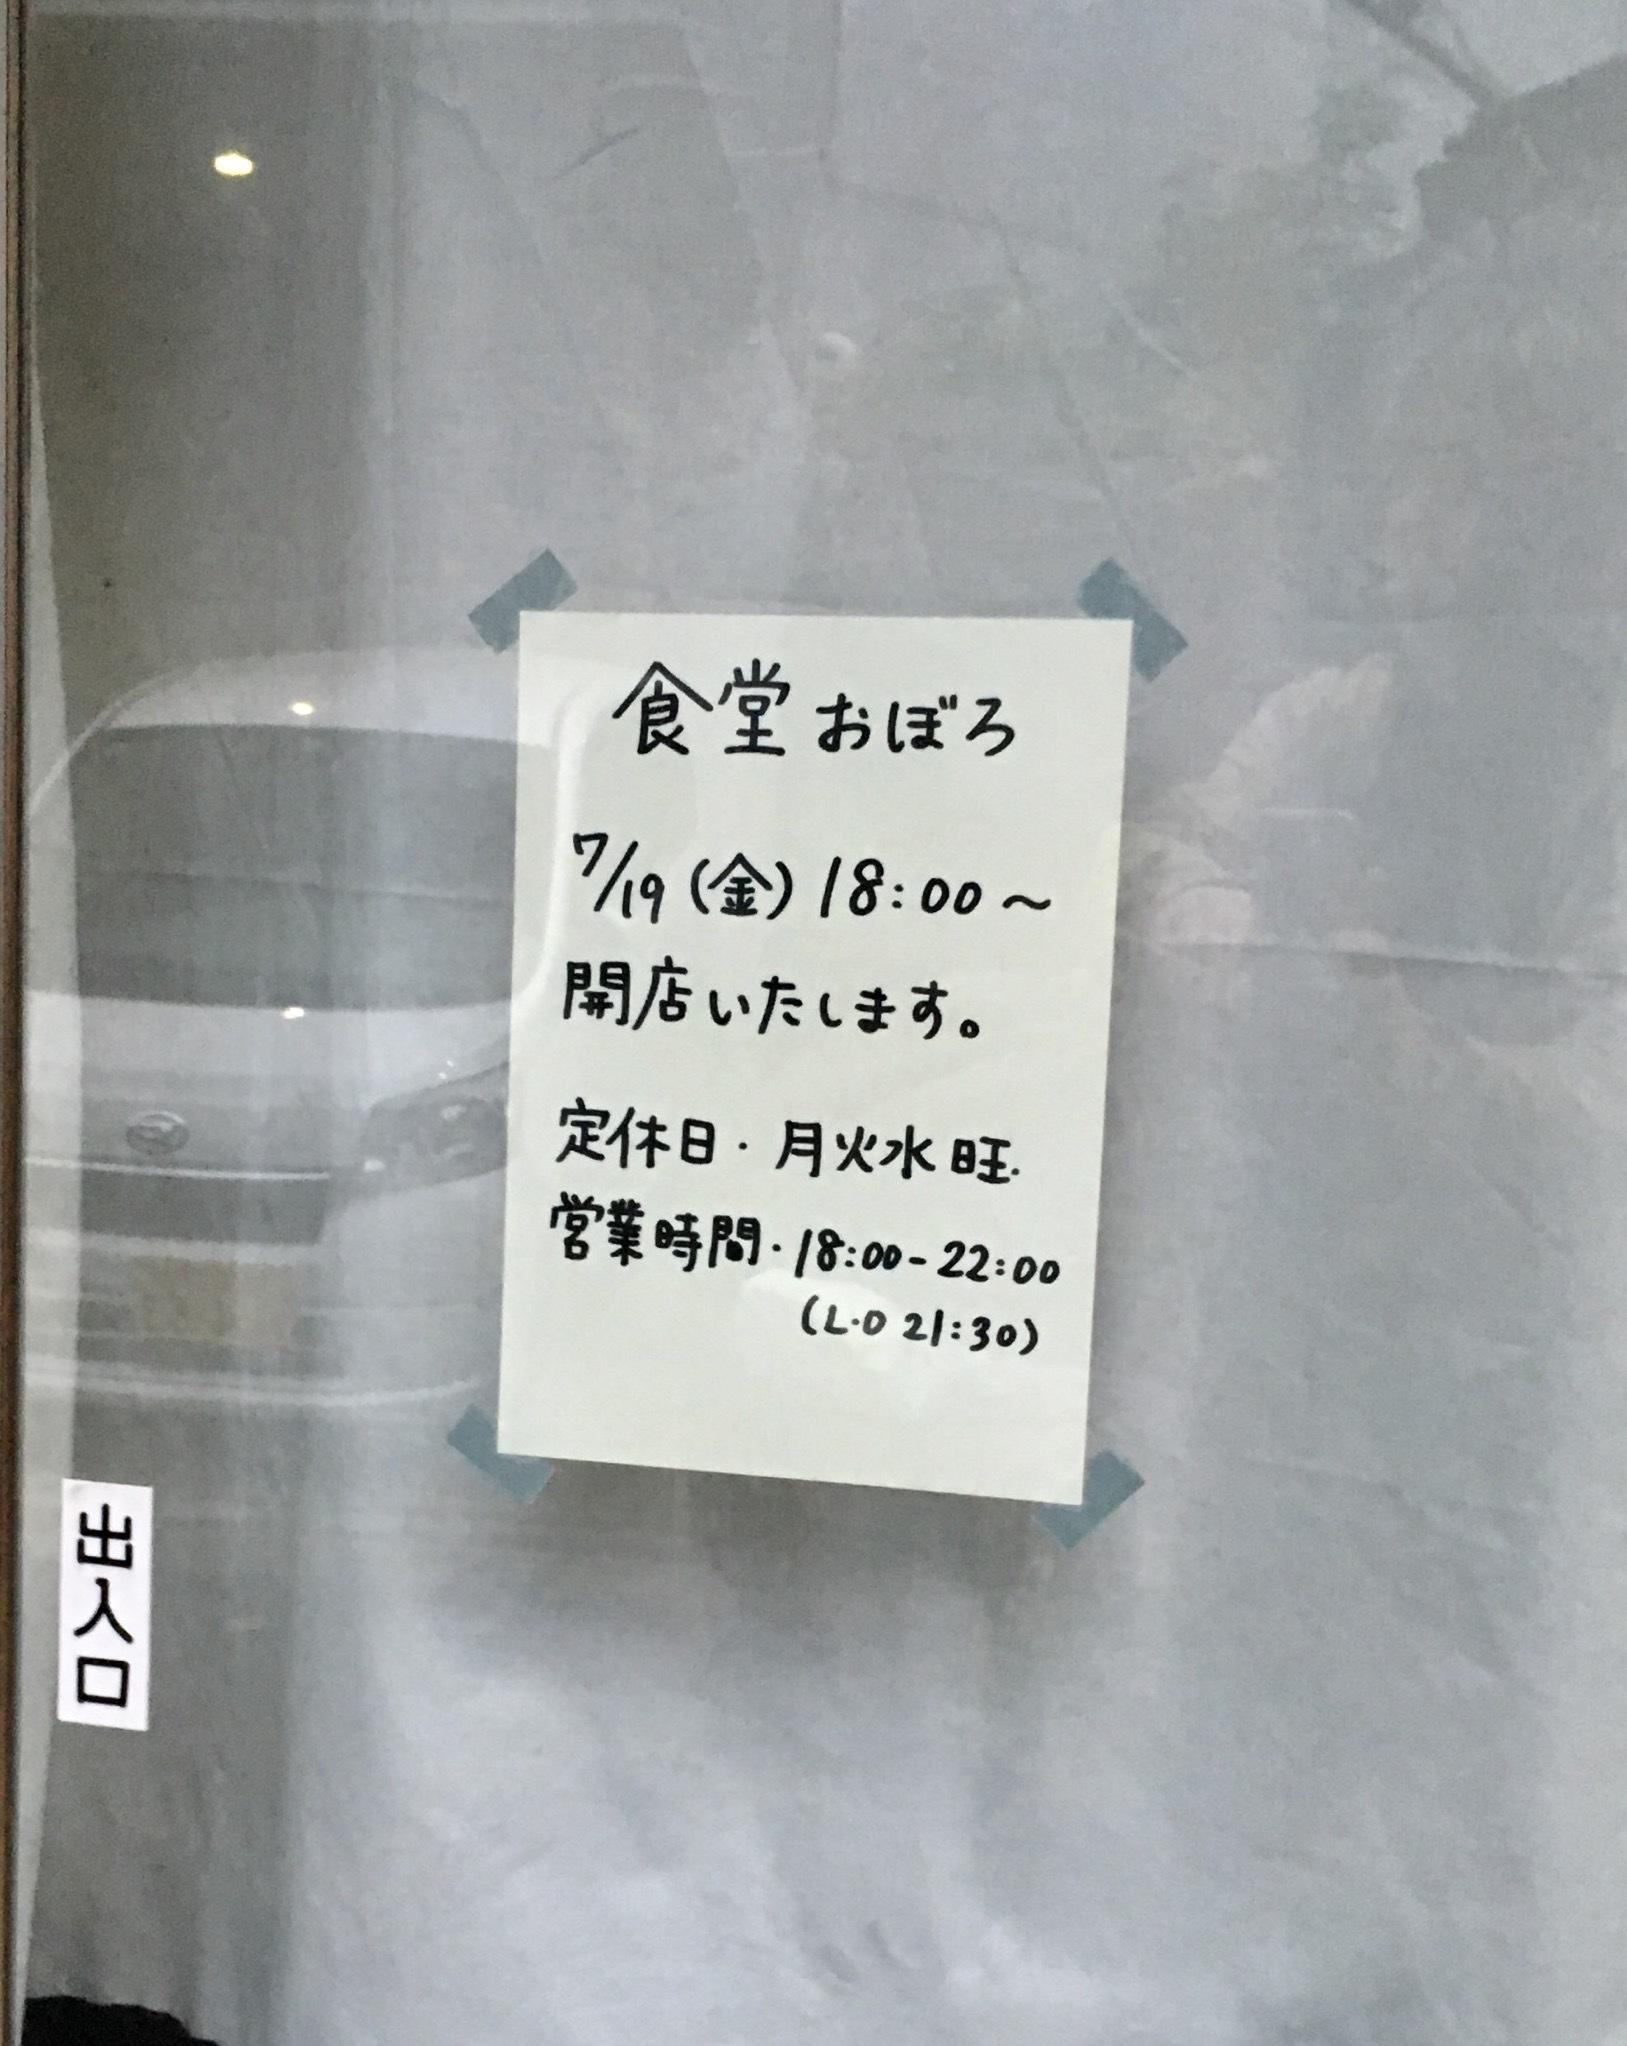 食堂おぼろ(根岸)_d0357147_19114989.jpeg